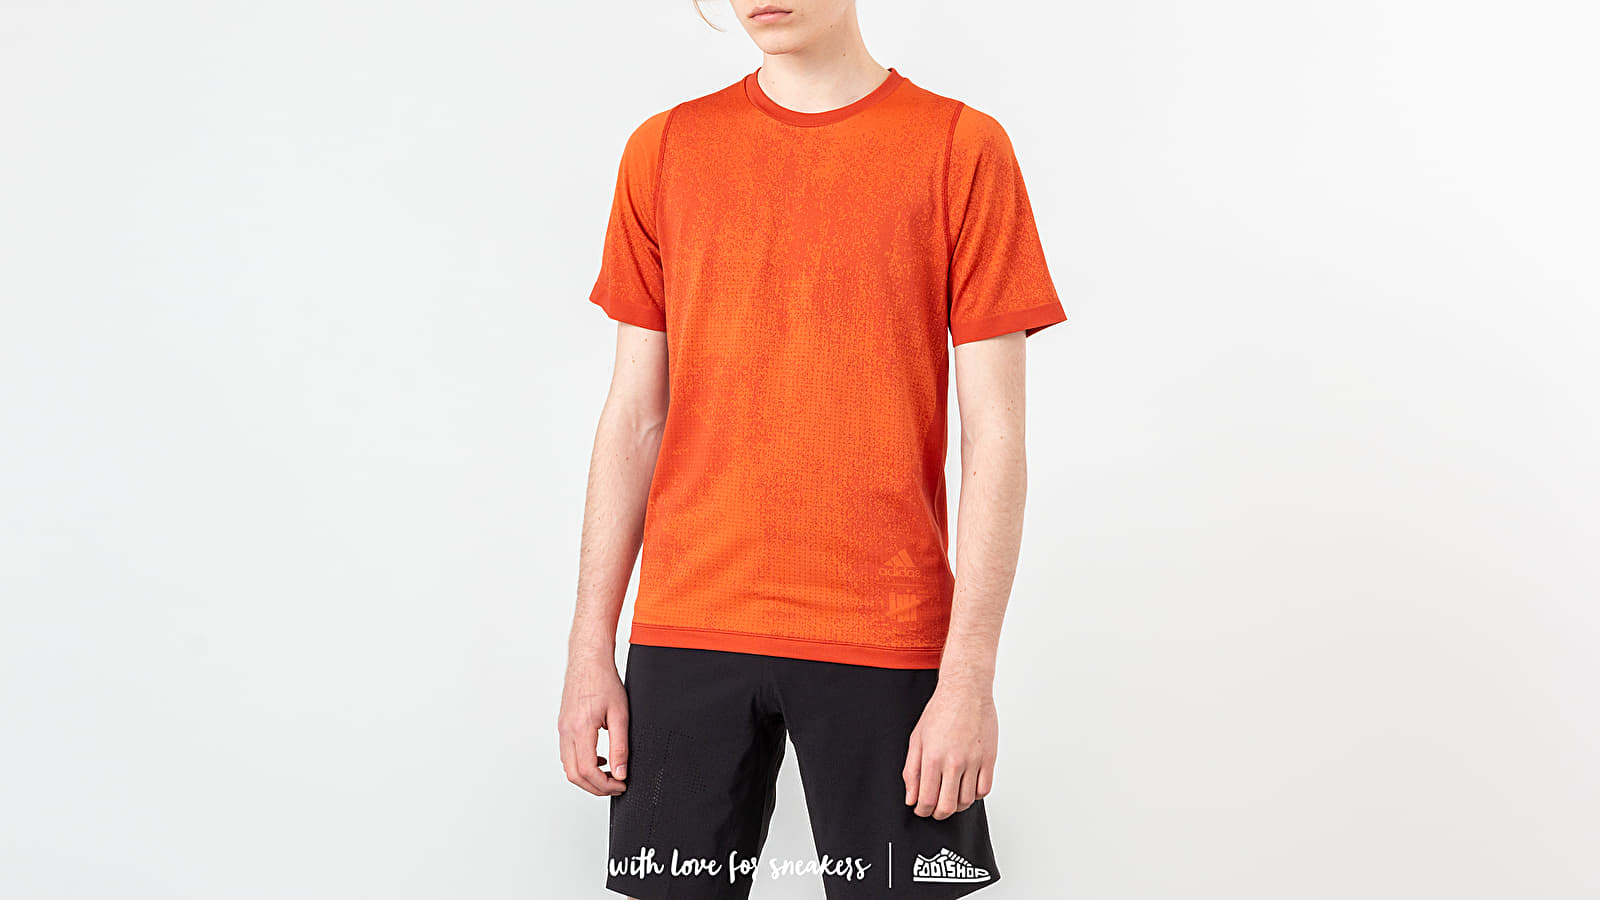 adidas x Undefeated Knit Tee Orange za skvělou cenu 2 490 Kč koupíte na Footshop.cz